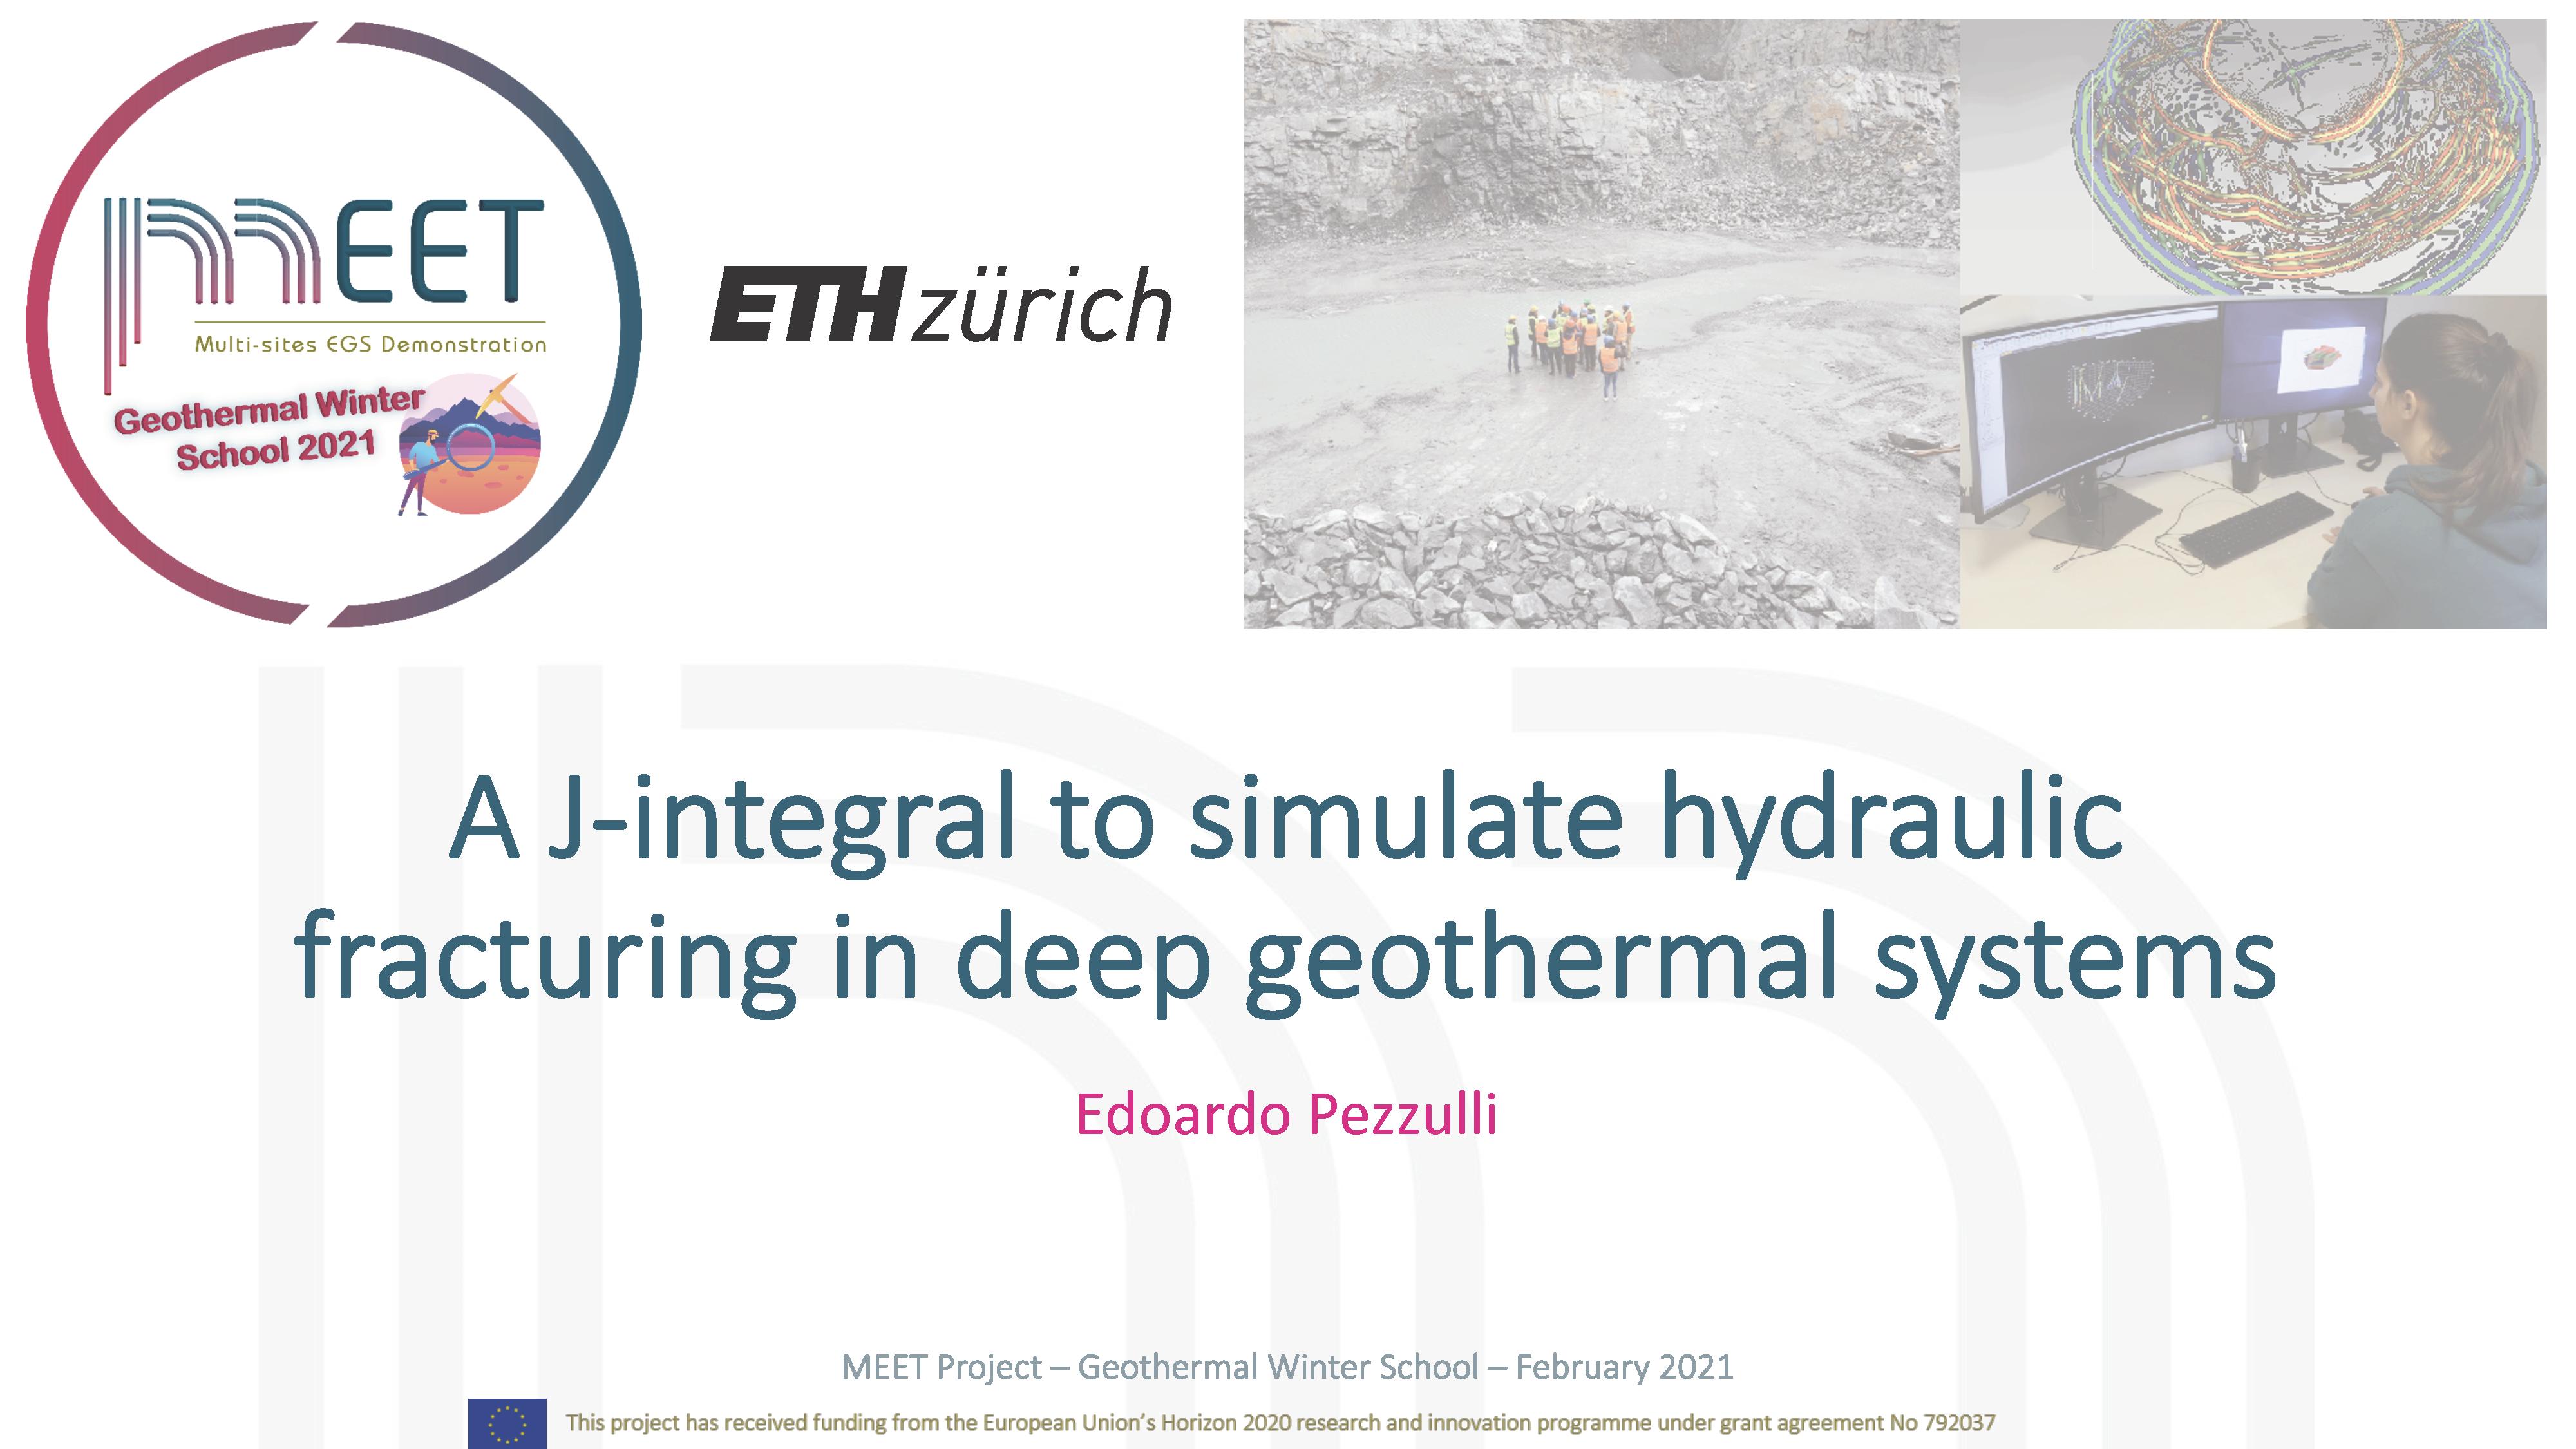 MEET Geothermal Winter School Edoardo Pezzulli first slide visual